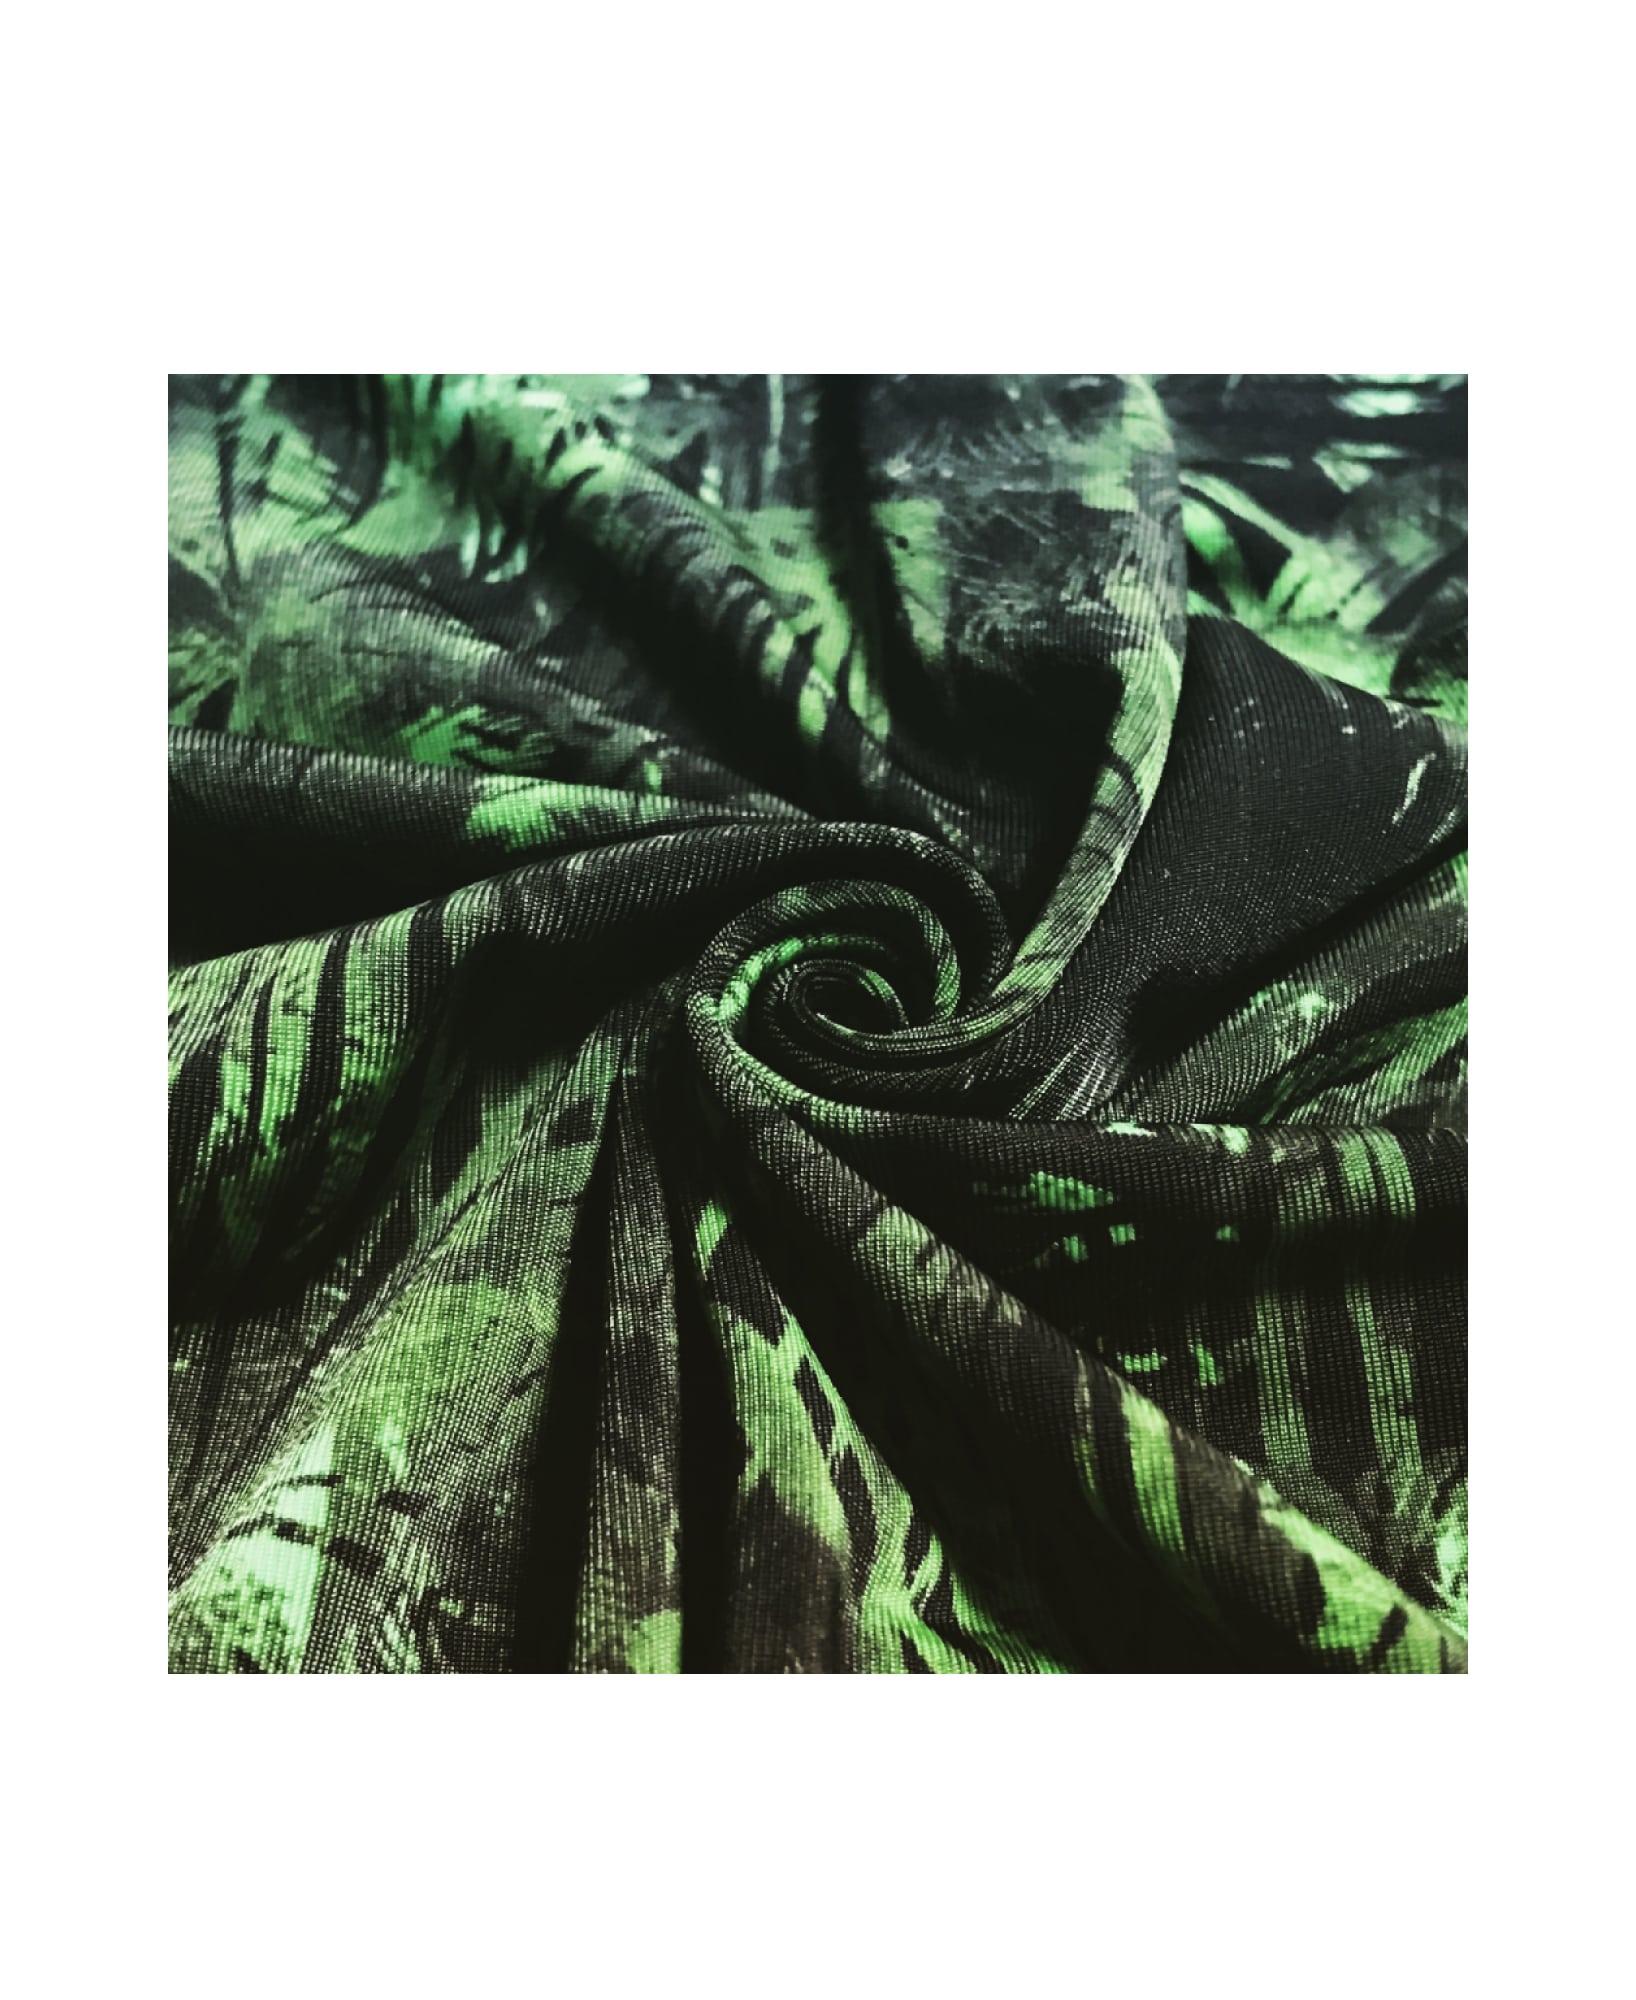 BOXER ボクサーパンツ 通販 | 高級 メンズ ボクサーパンツ SHINE PALM TREE GREEN | ナイロン 国産生地 詳細画像